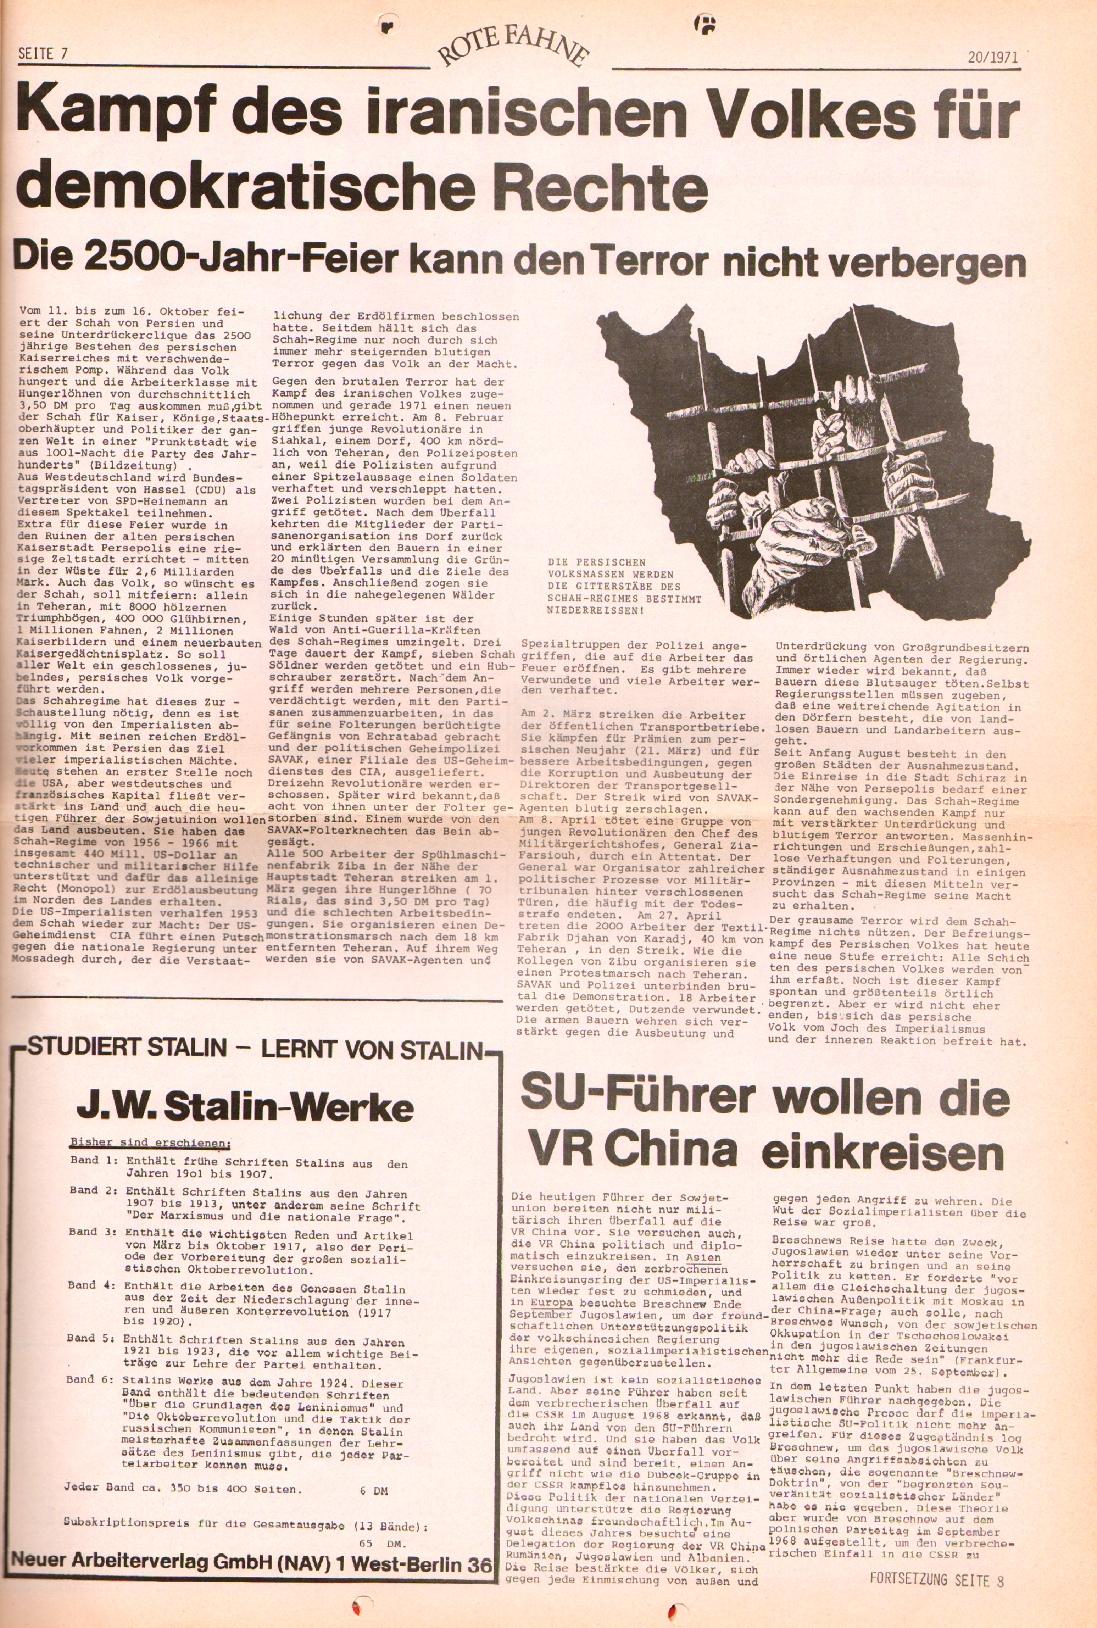 Rote Fahne, 2. Jg., 11.10.1971, Nr. 20, Seite 7